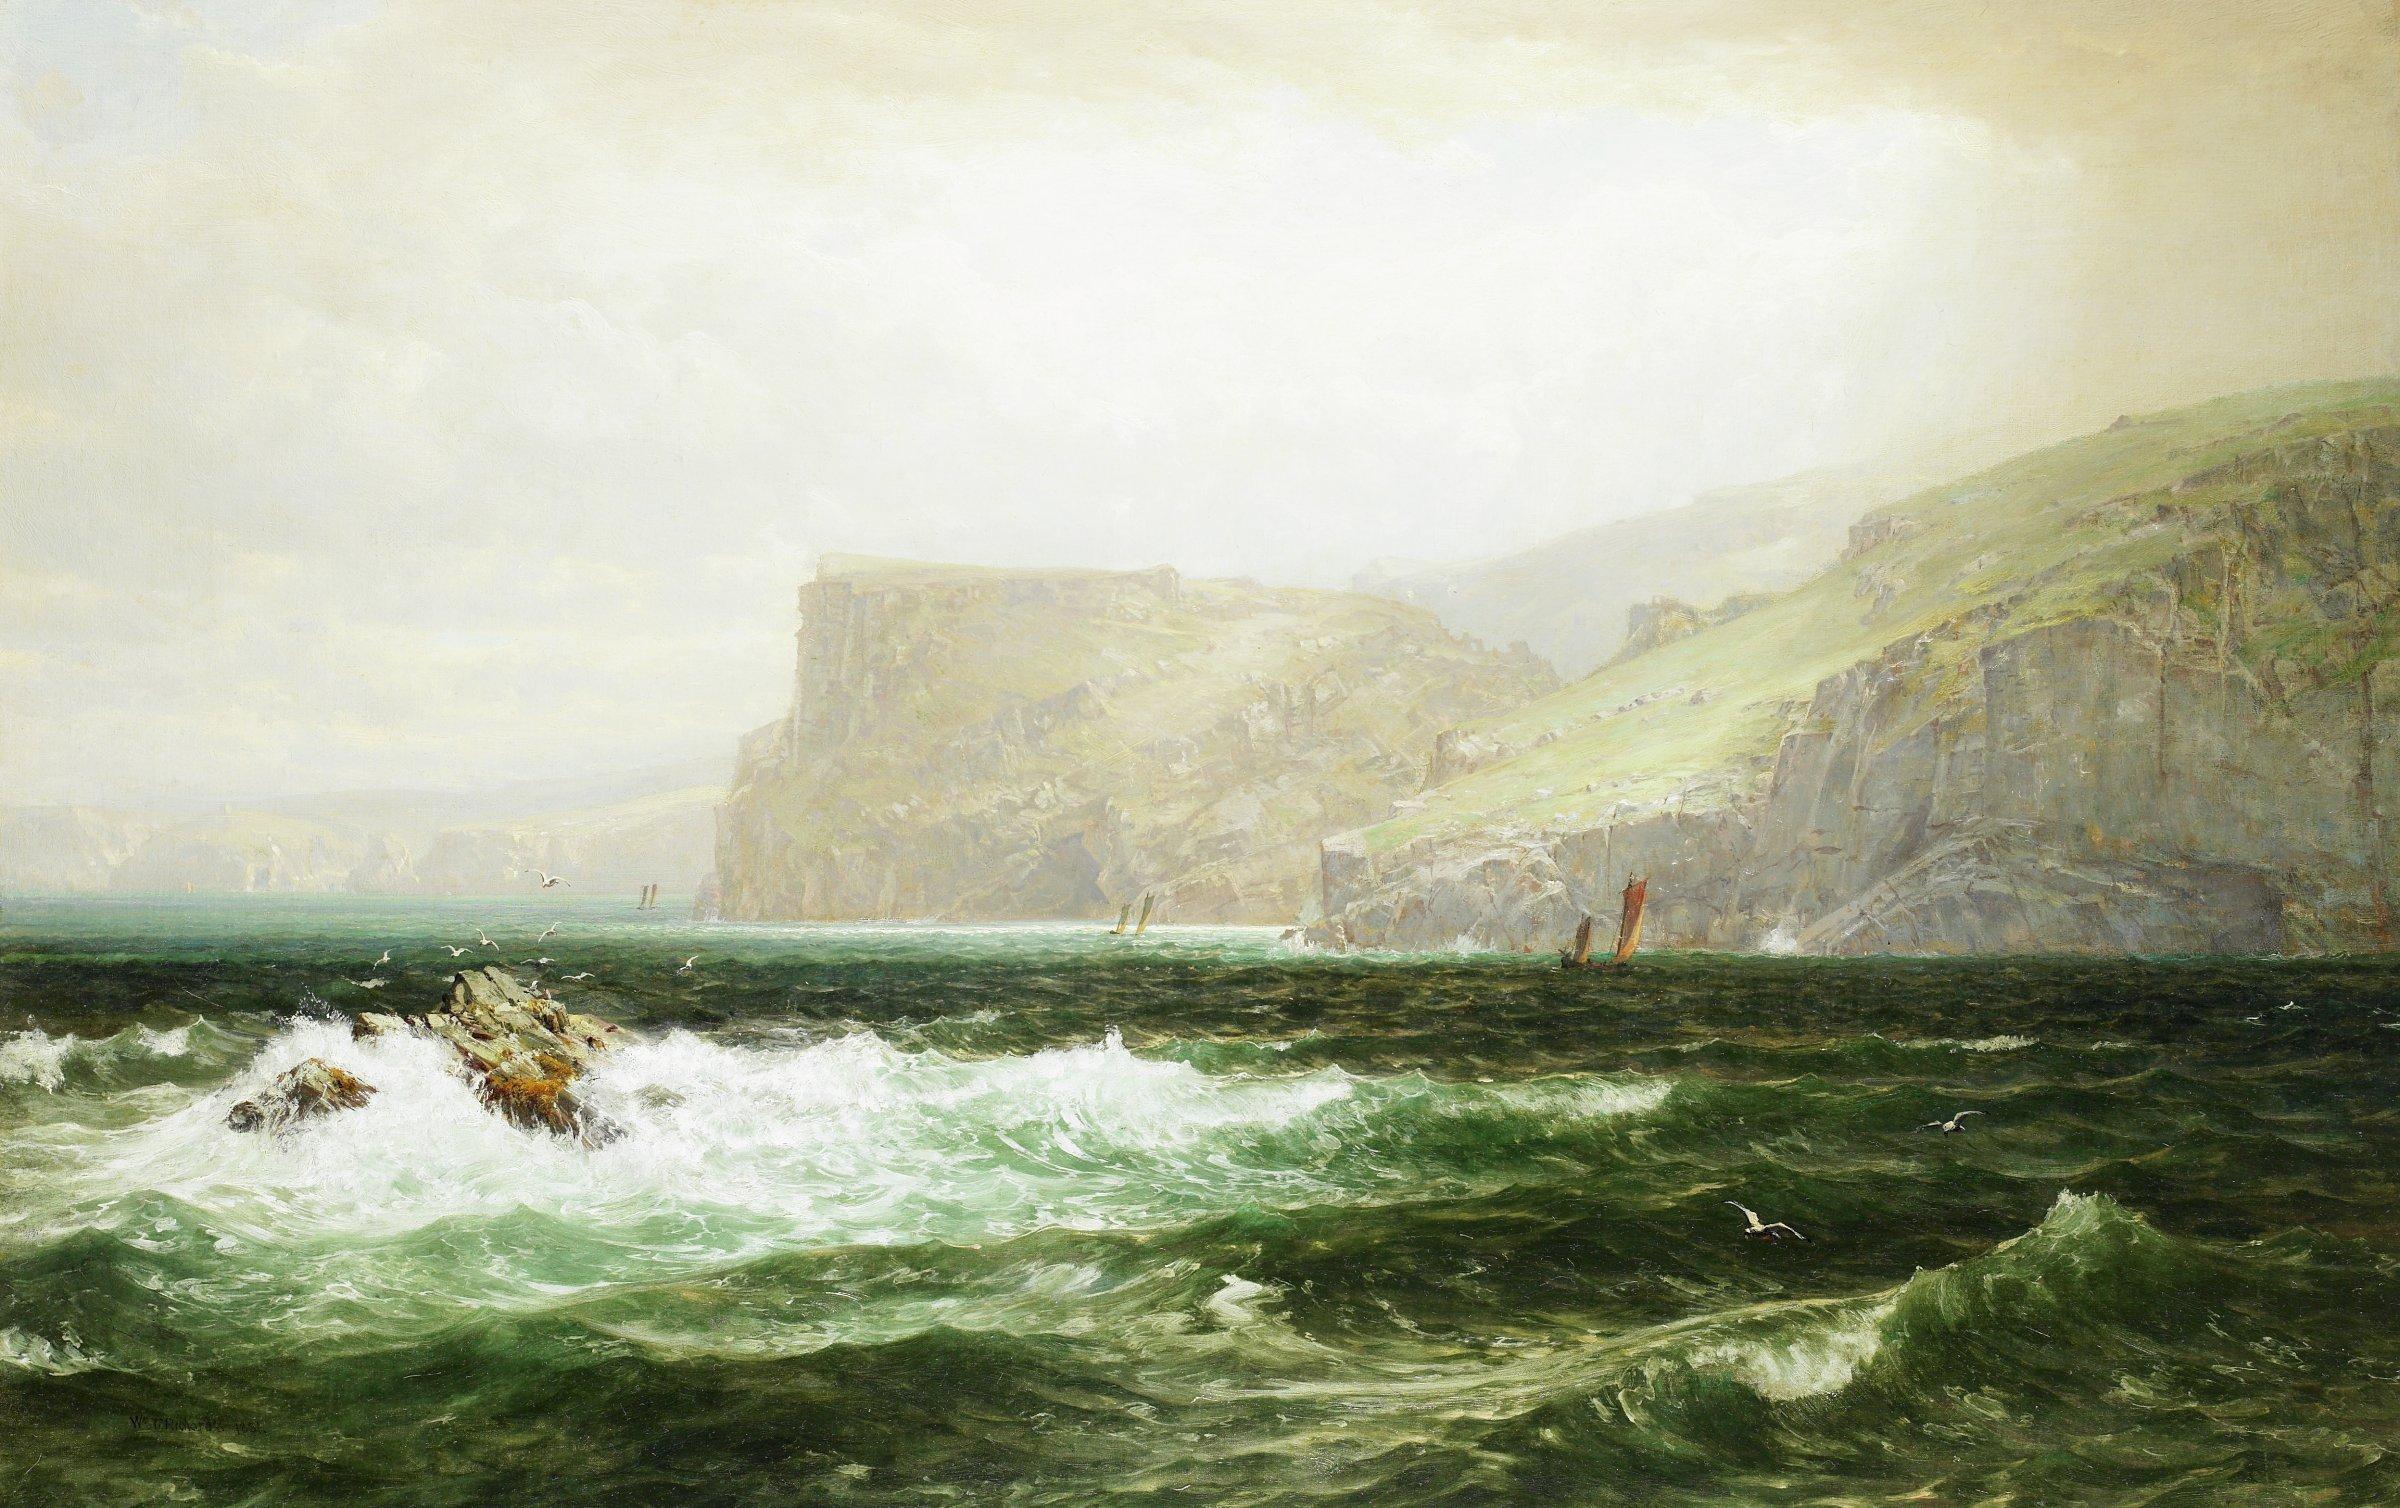 Tintagel Coast, William Trost Richards, oil on canvas